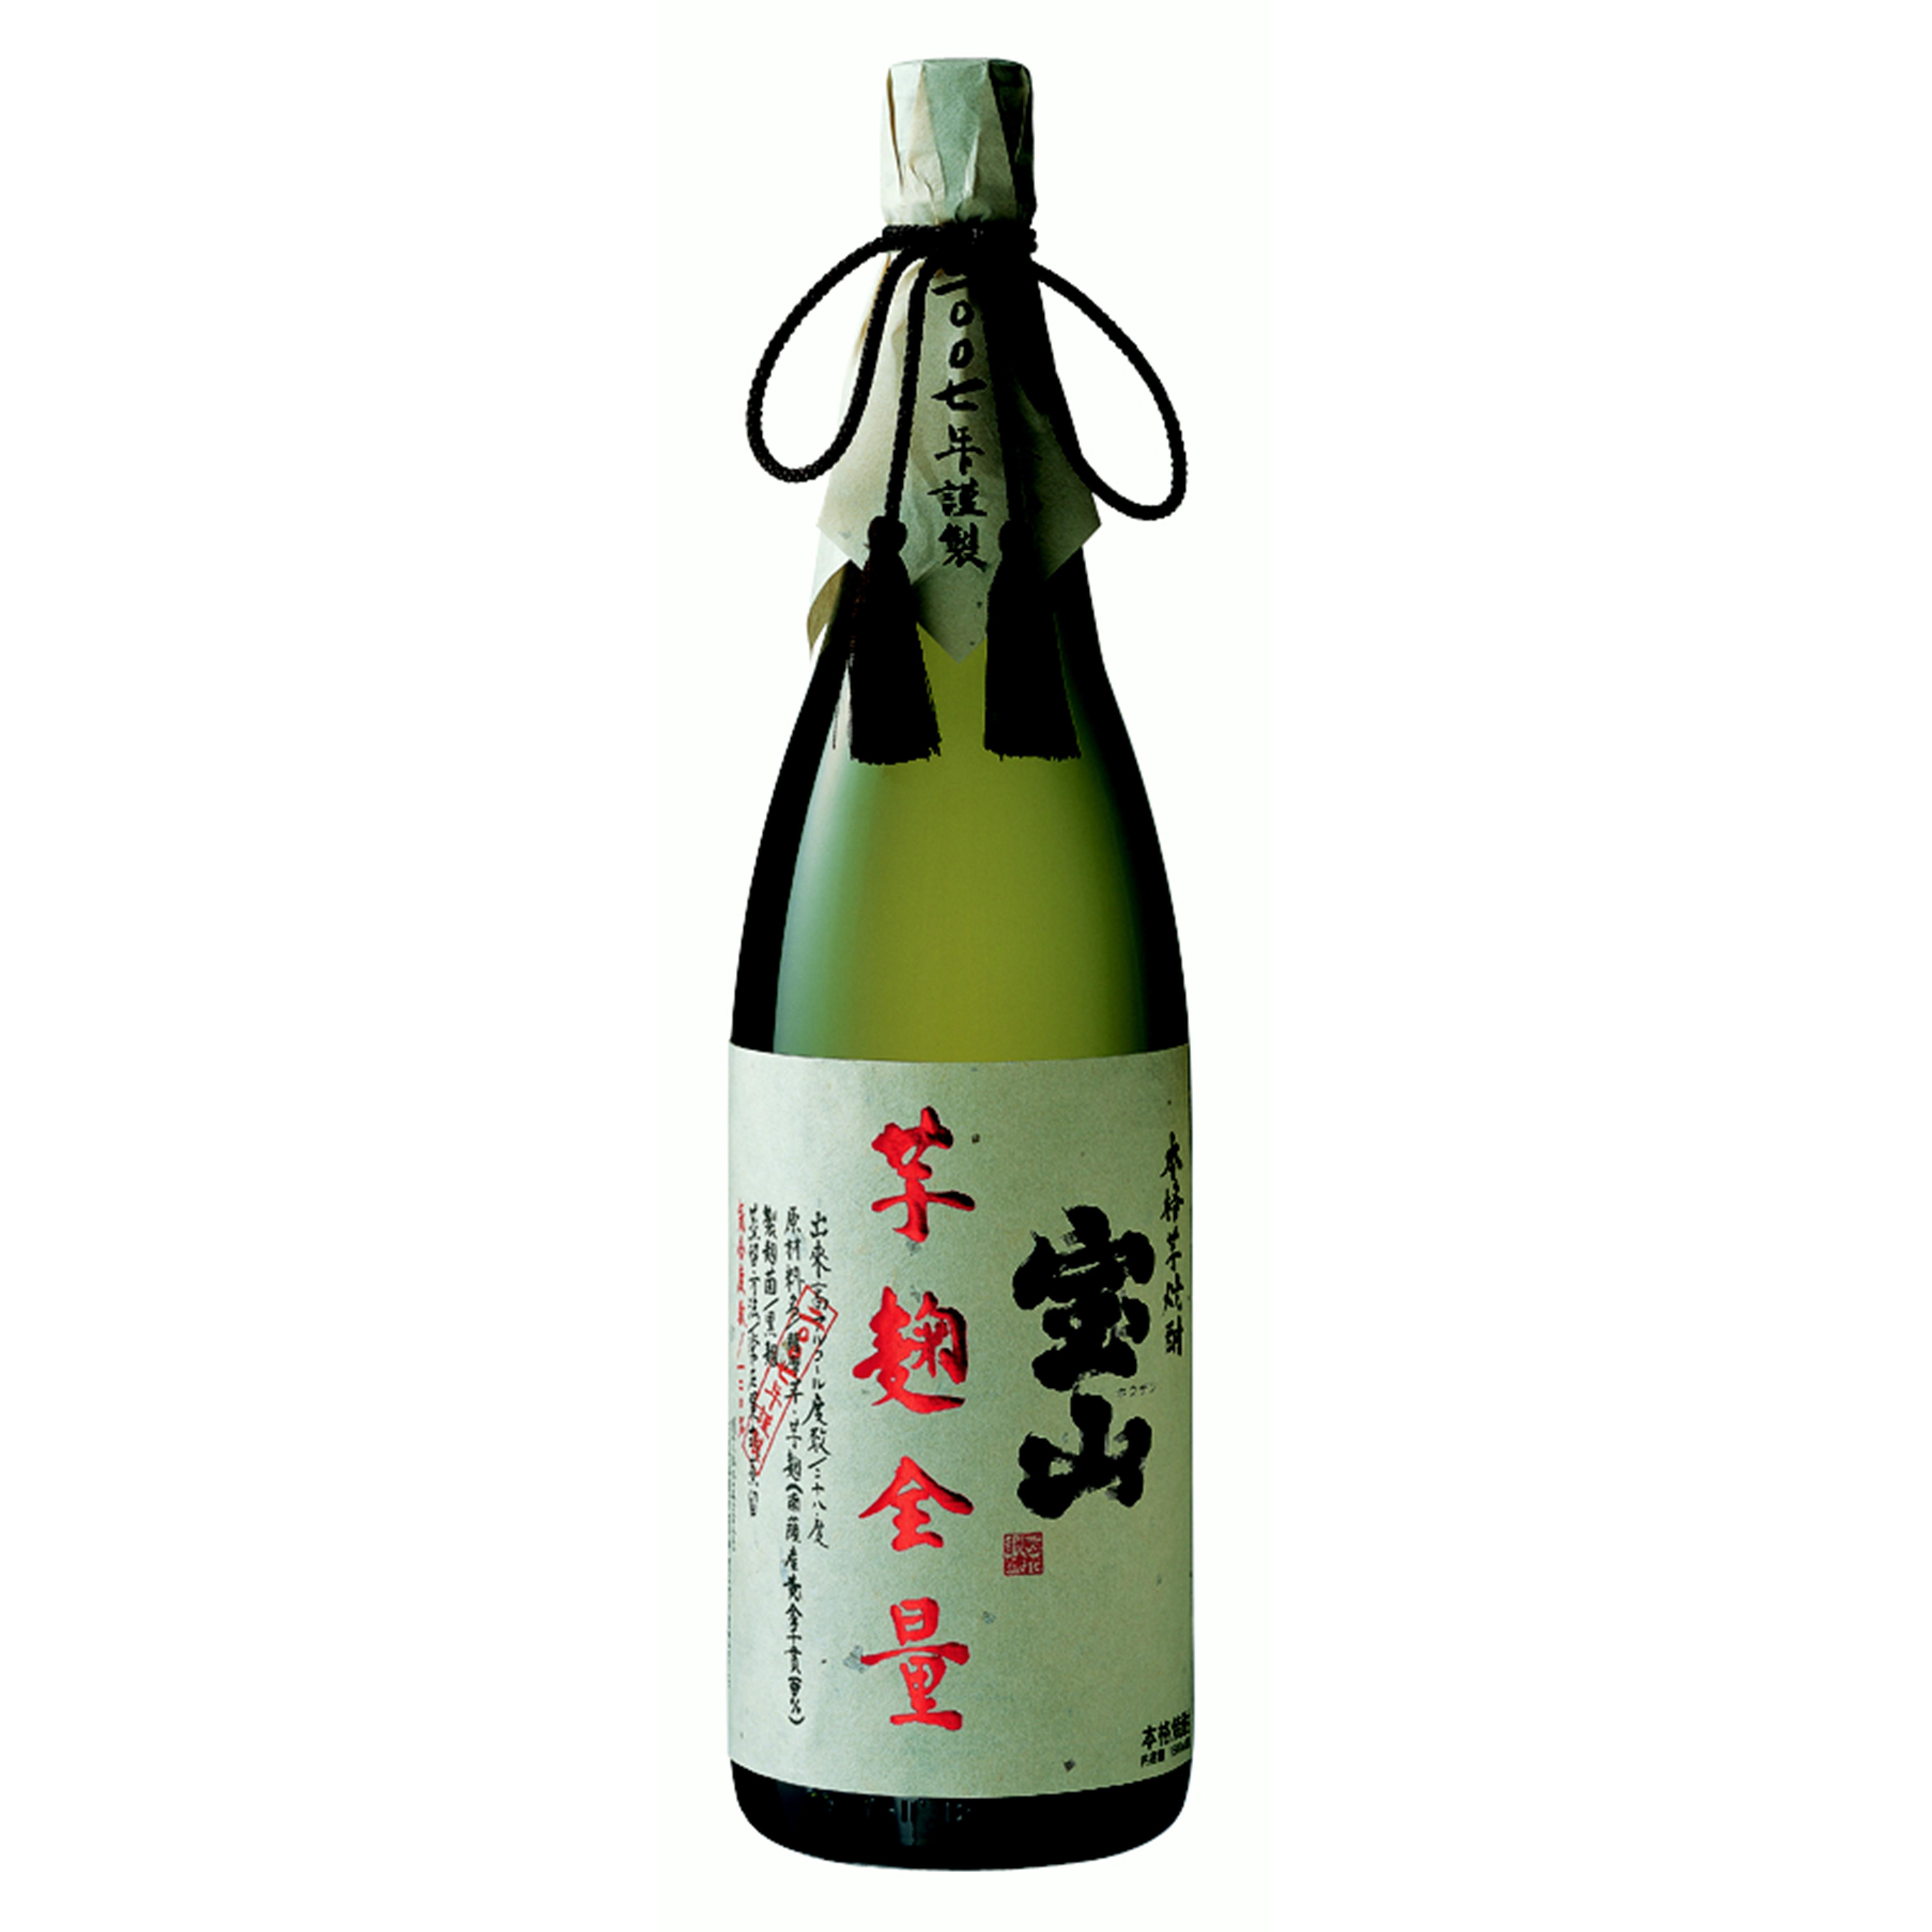 宝山 芋麹全量 1800ml 【専用化粧箱入】